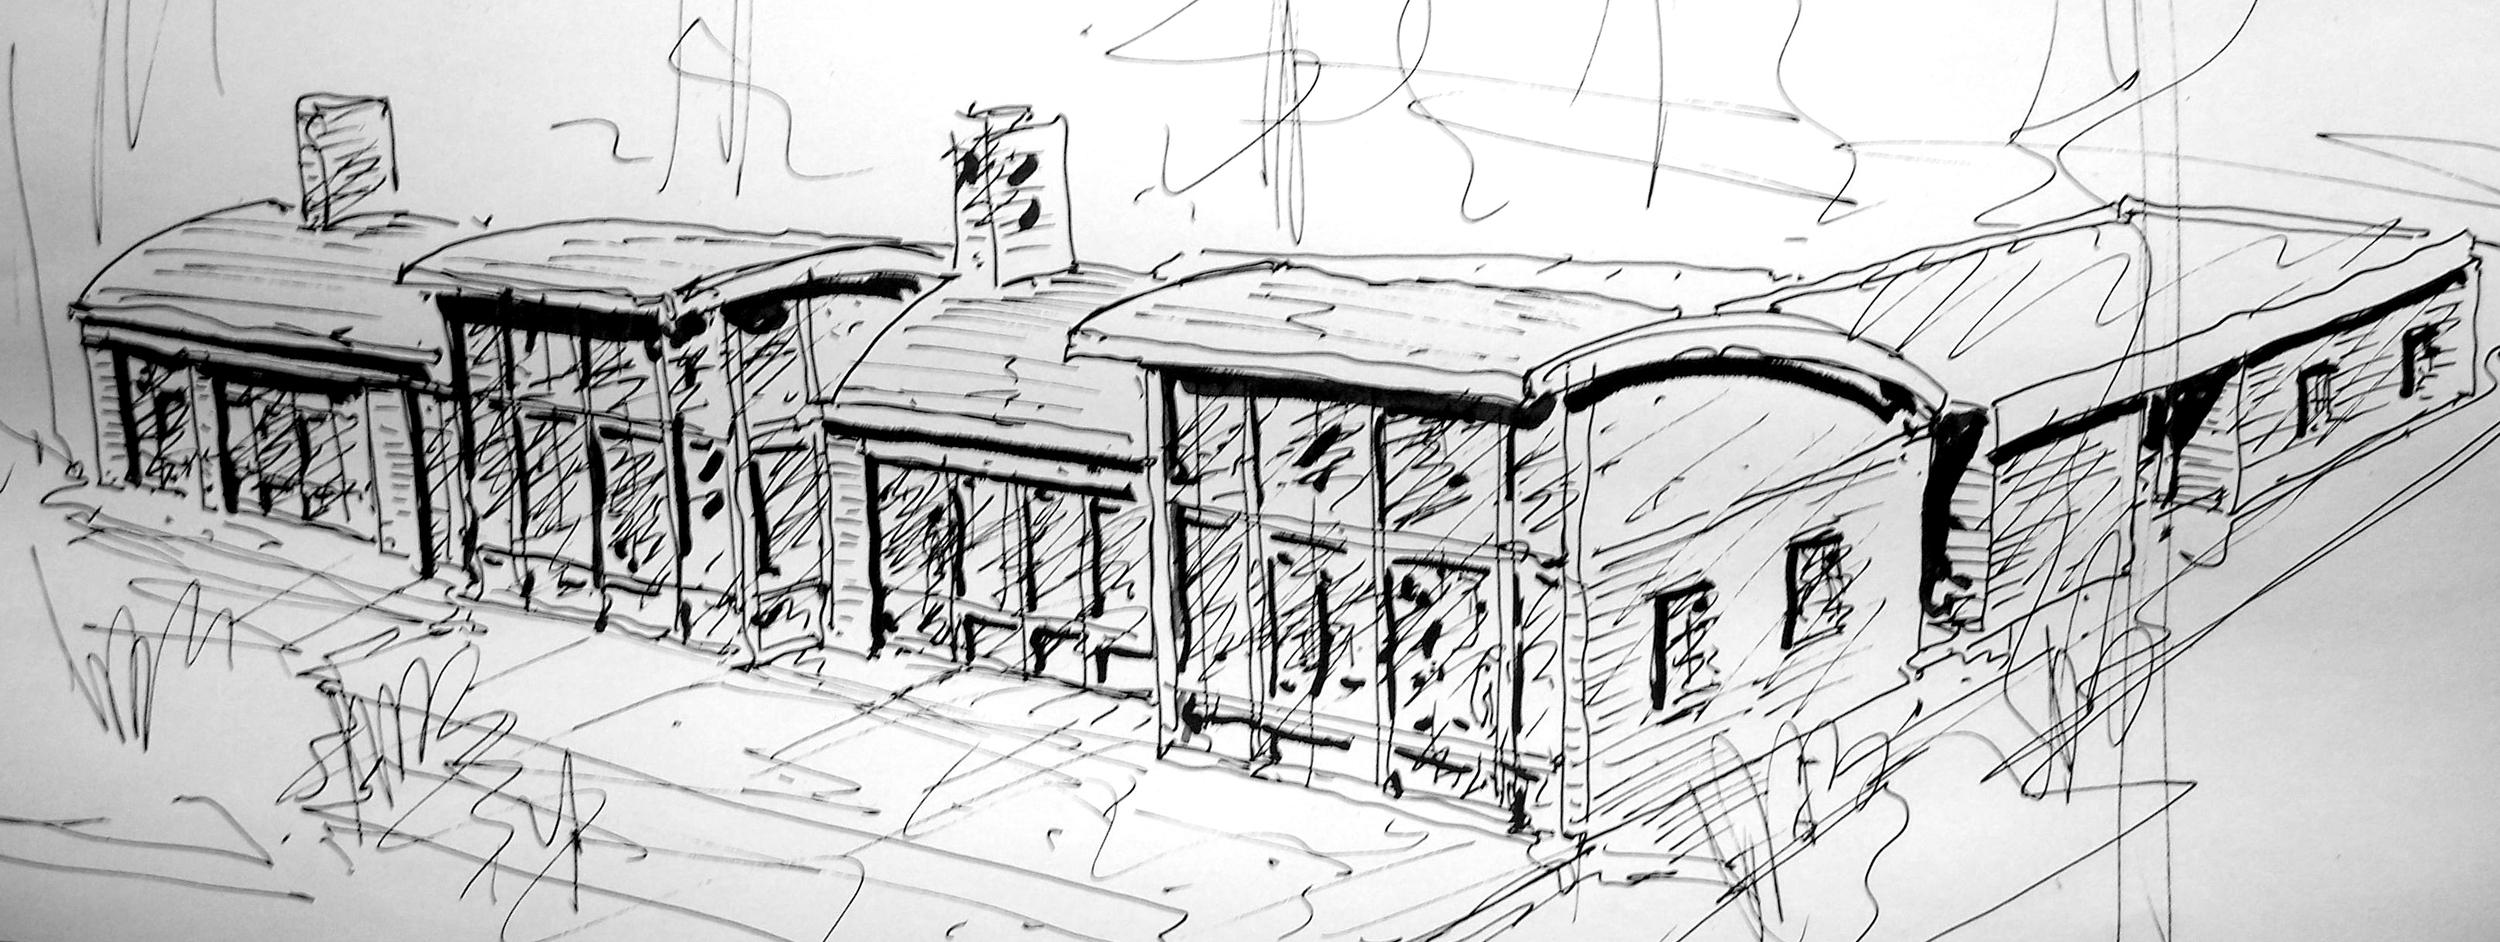 JC misc sketches 023.jpg